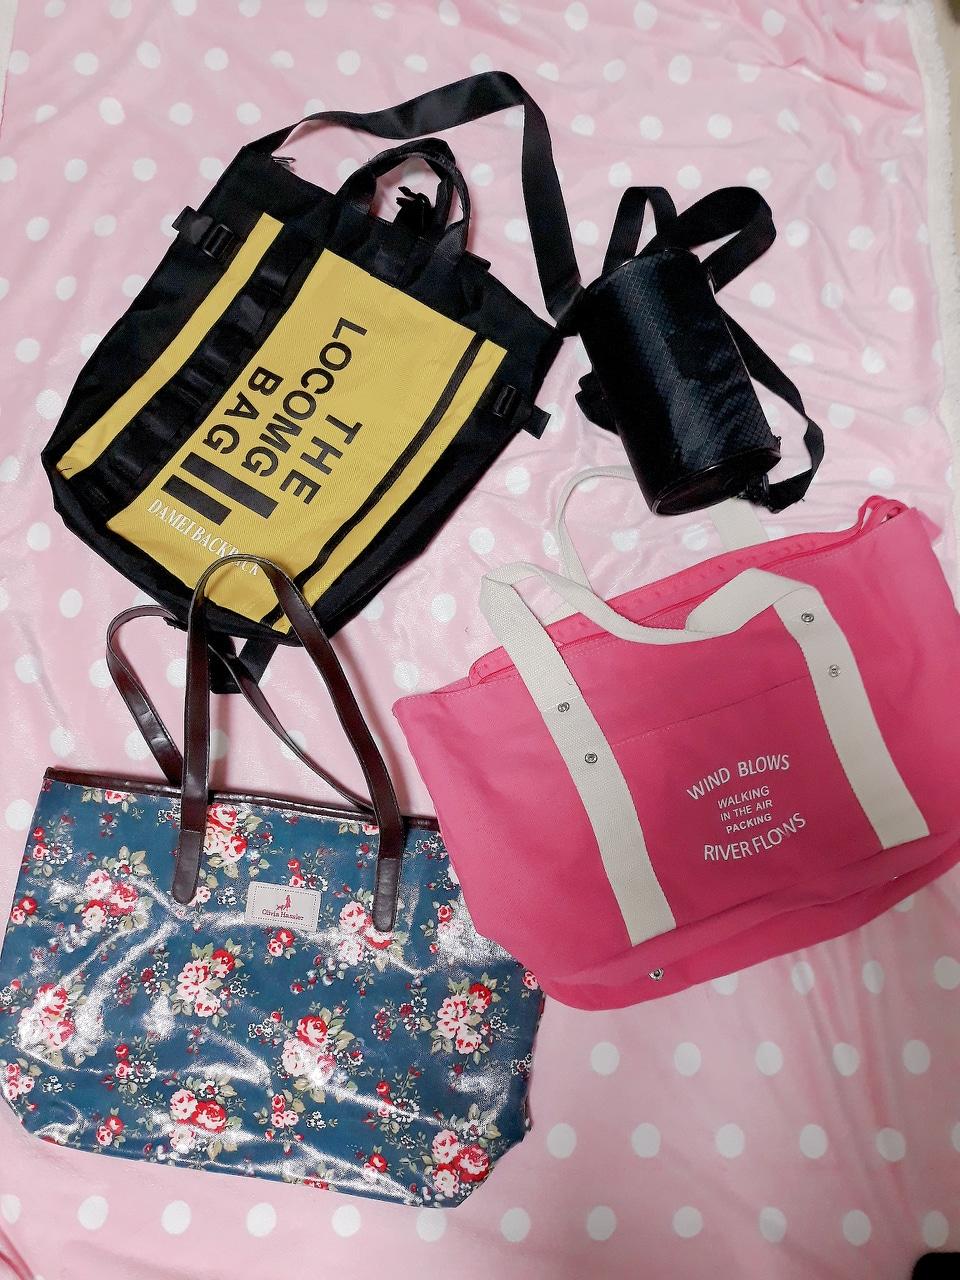 가방 4 개 ㅡ 만원  캔버스 가방 + 애나멀 가방 + 백팩 + 원통가방